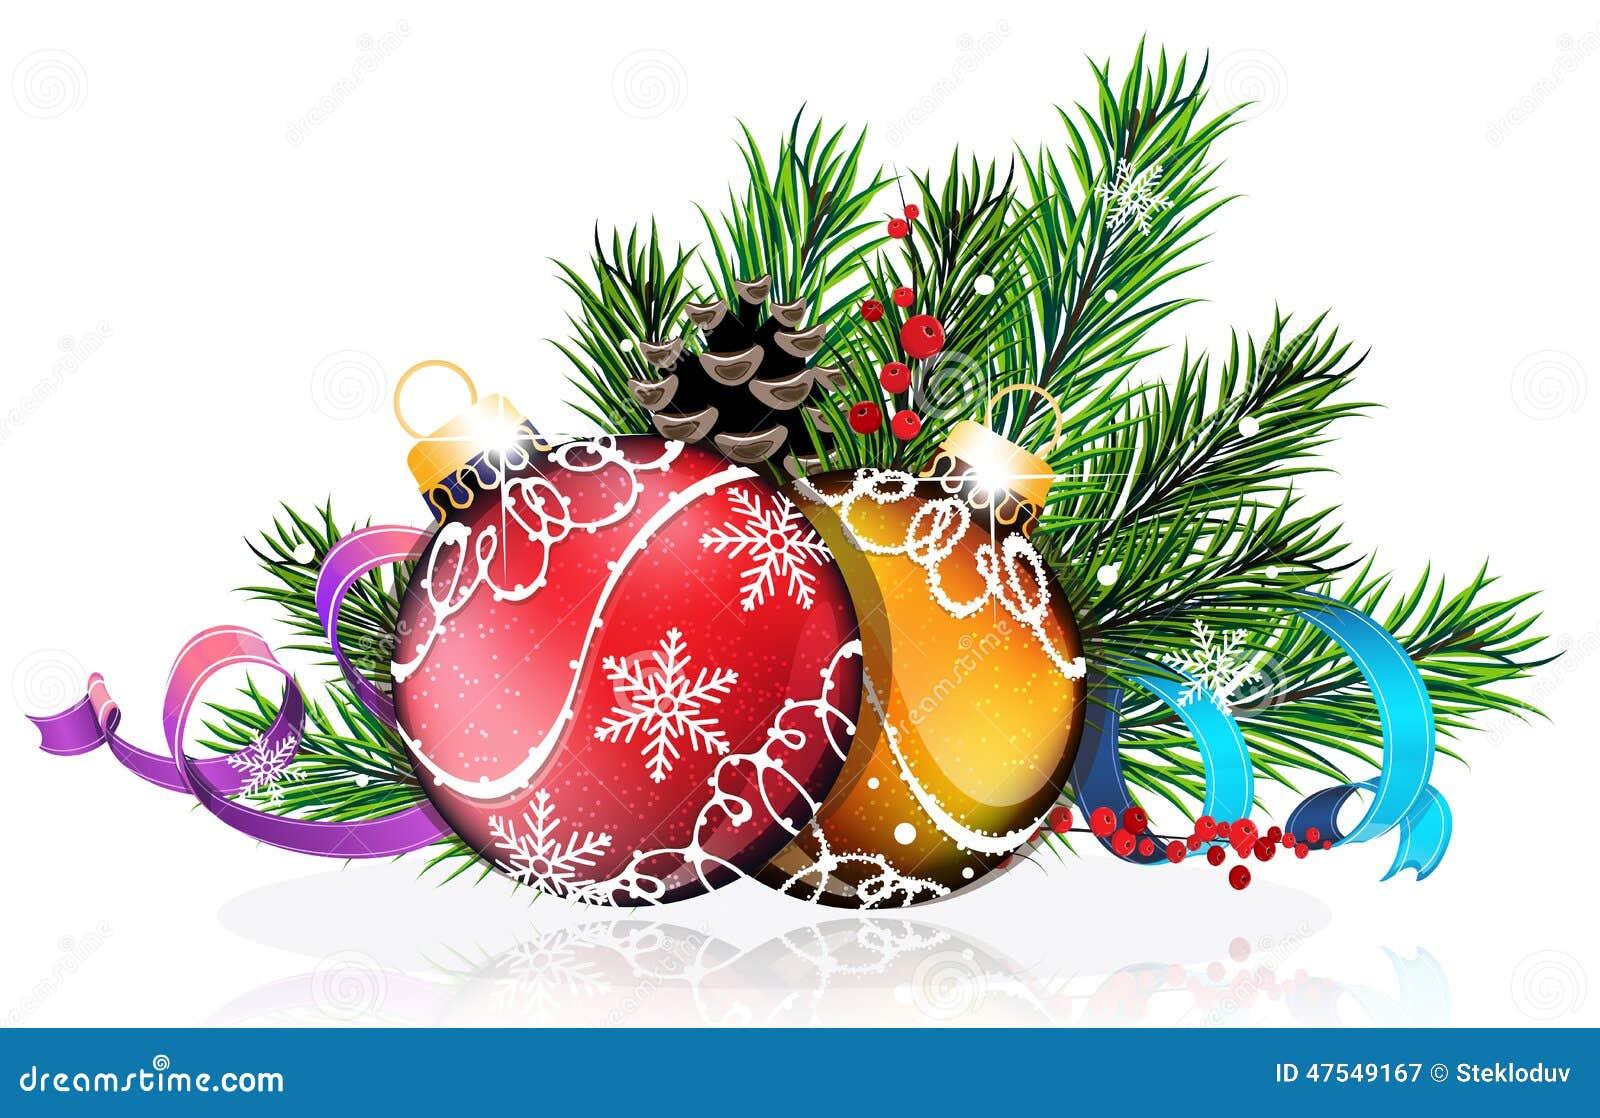 Christbaumkugeln mit den blauen und purpurroten b ndern vektor abbildung bild 47549167 - Blaue christbaumkugeln ...